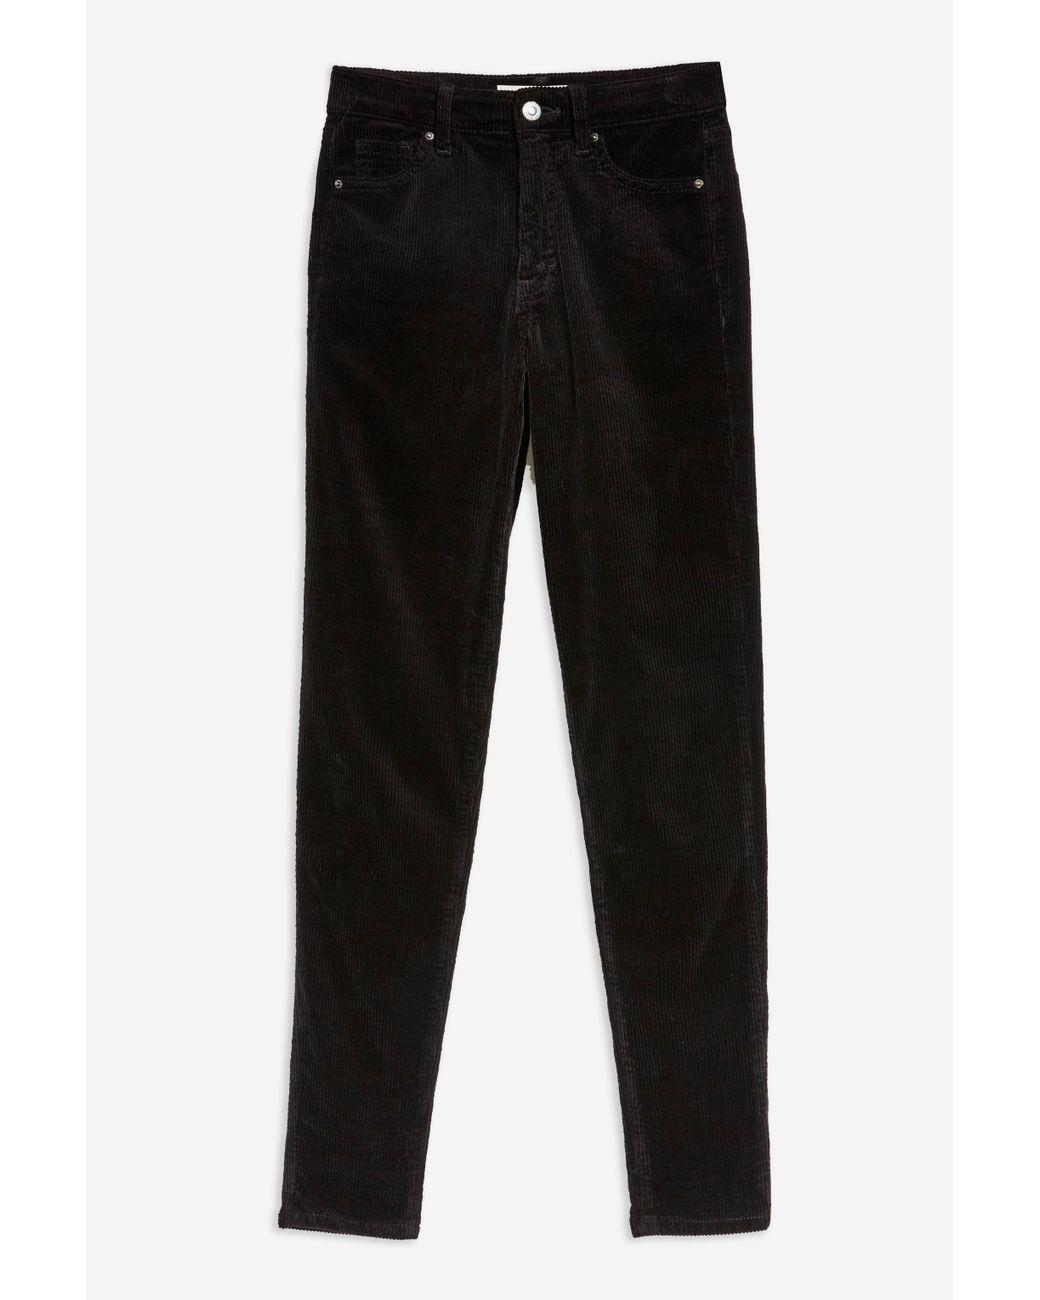 859c4f18fd97 Lyst - TOPSHOP Black Corduroy Jamie Jeans in Black - Save 30%